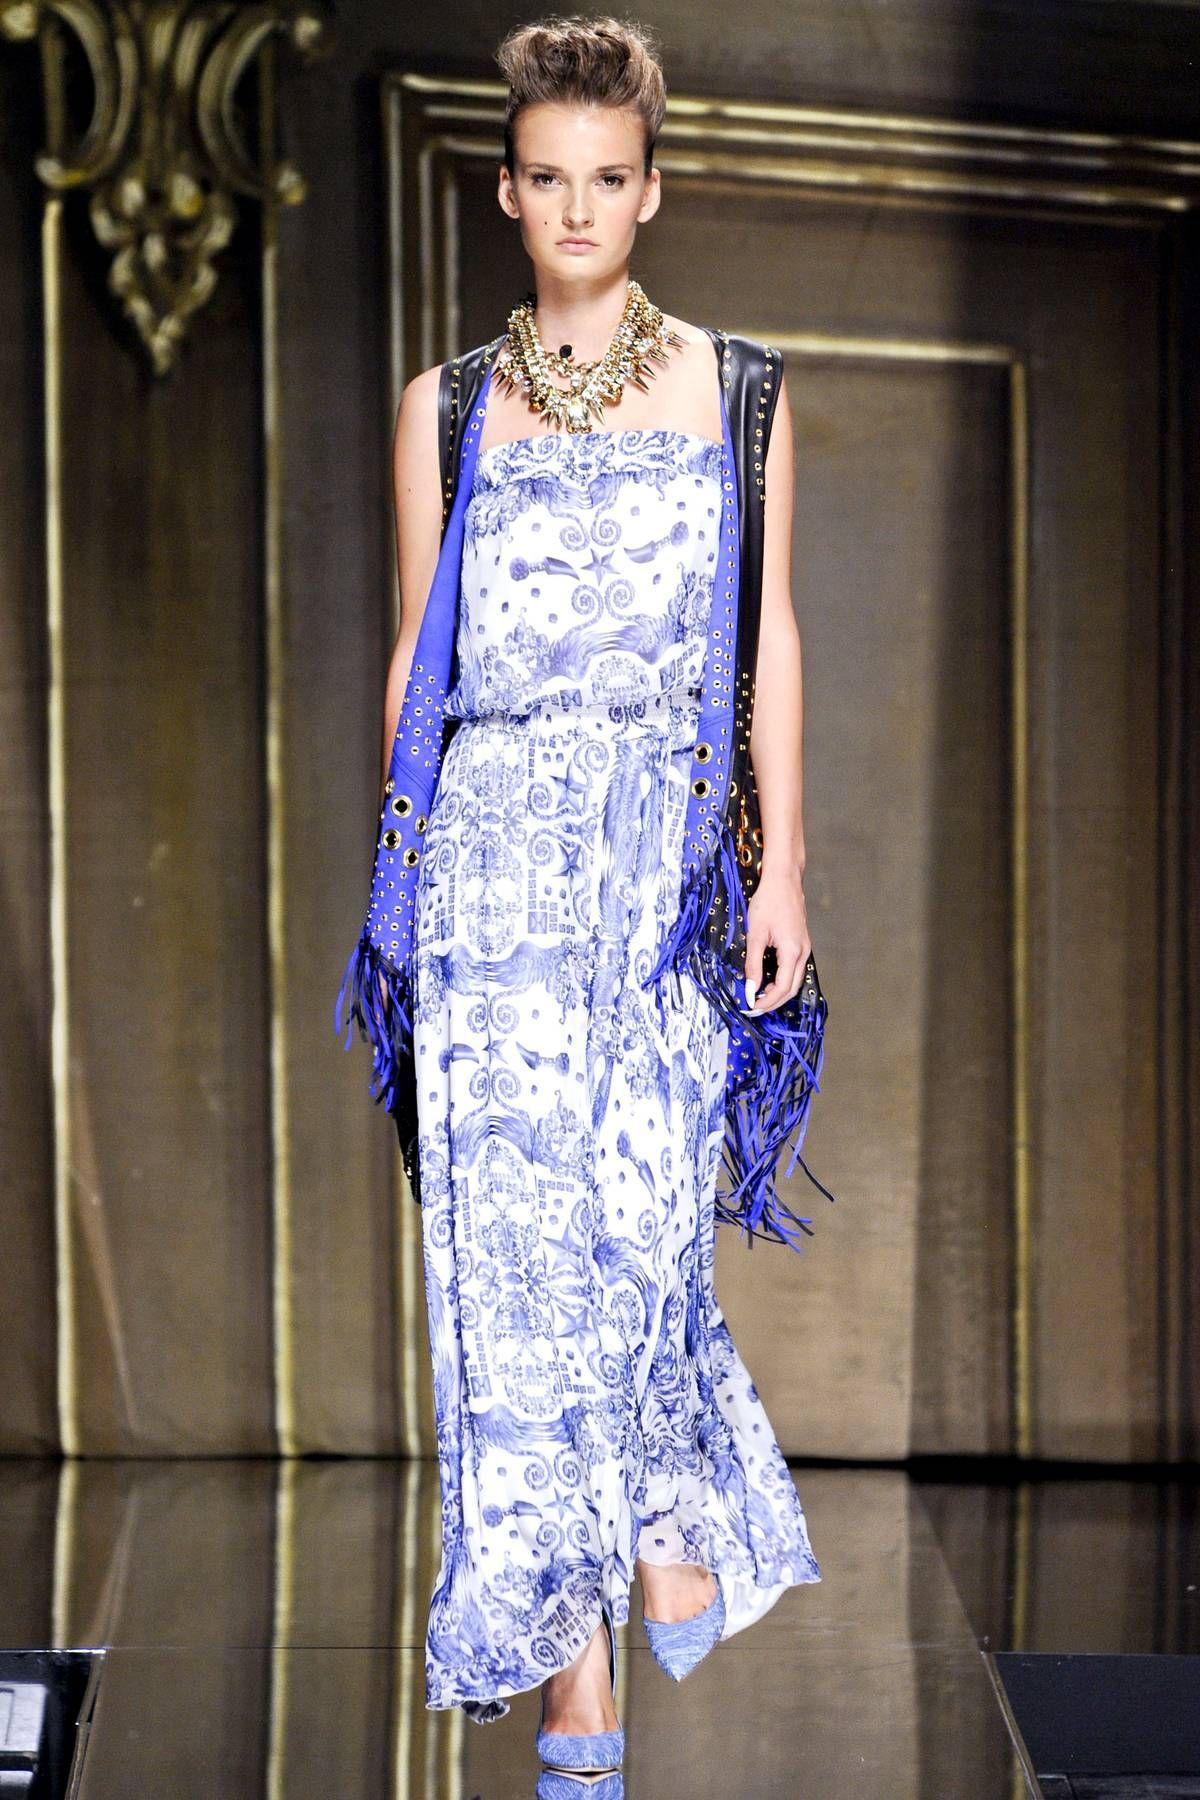 Philipp Plein Spring Rtw Fashion Show